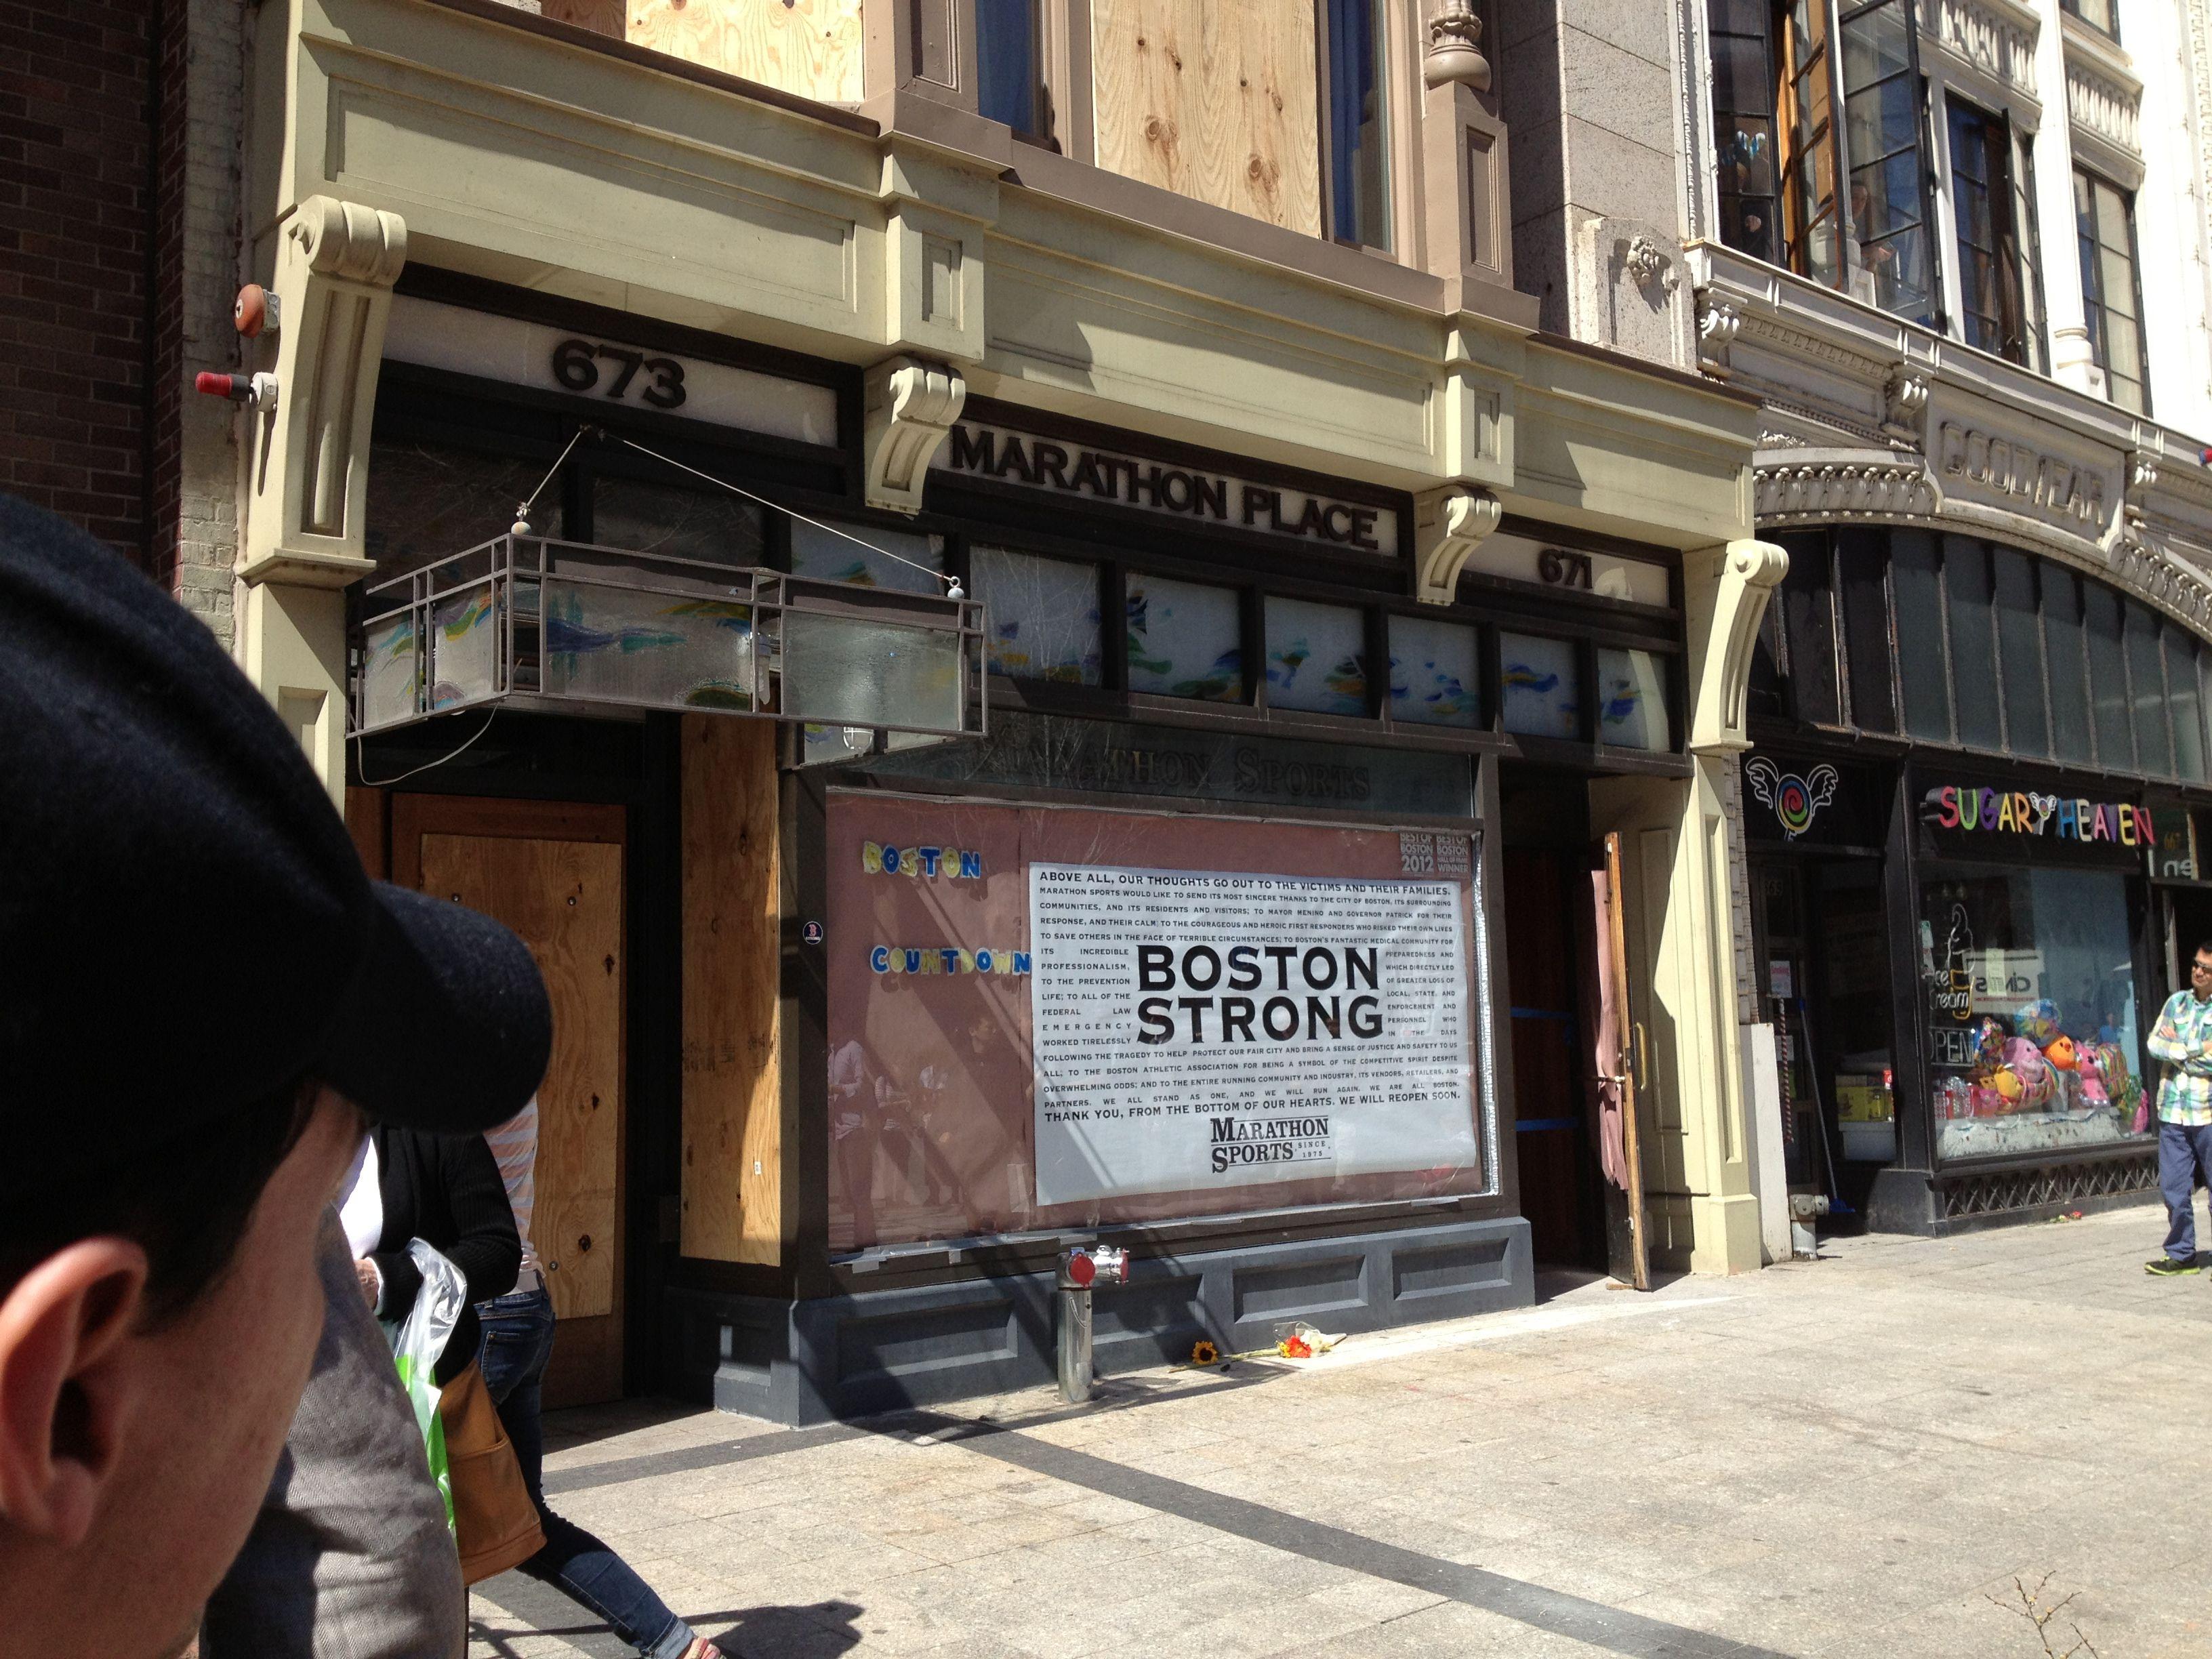 Marathon Sports, Boylston Street, Boston, the site of one